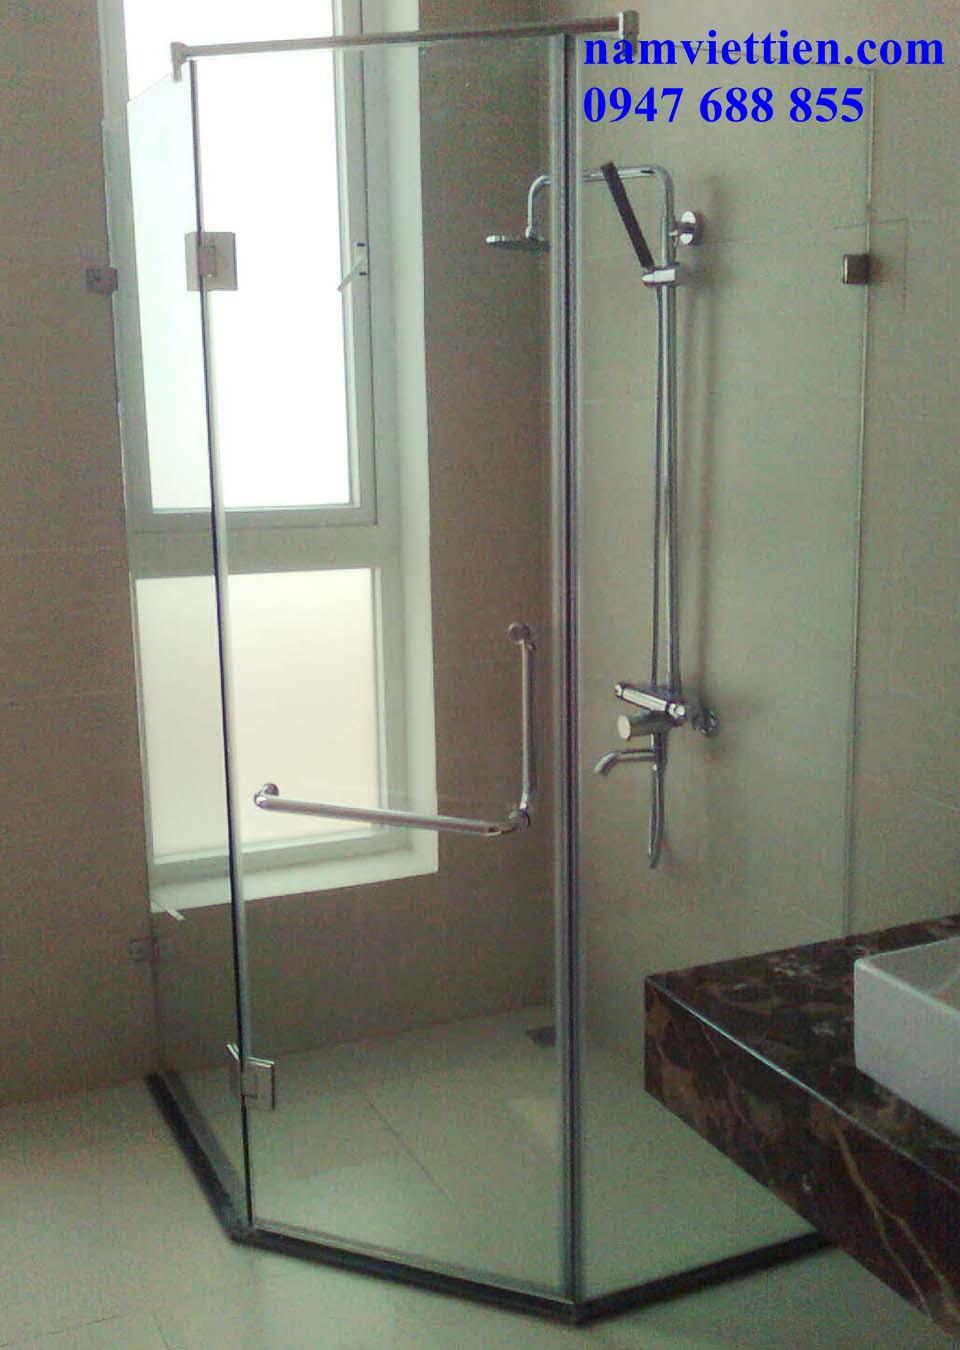 Image0144 - Phòng tắm kính được sử dụng nhiều nhất